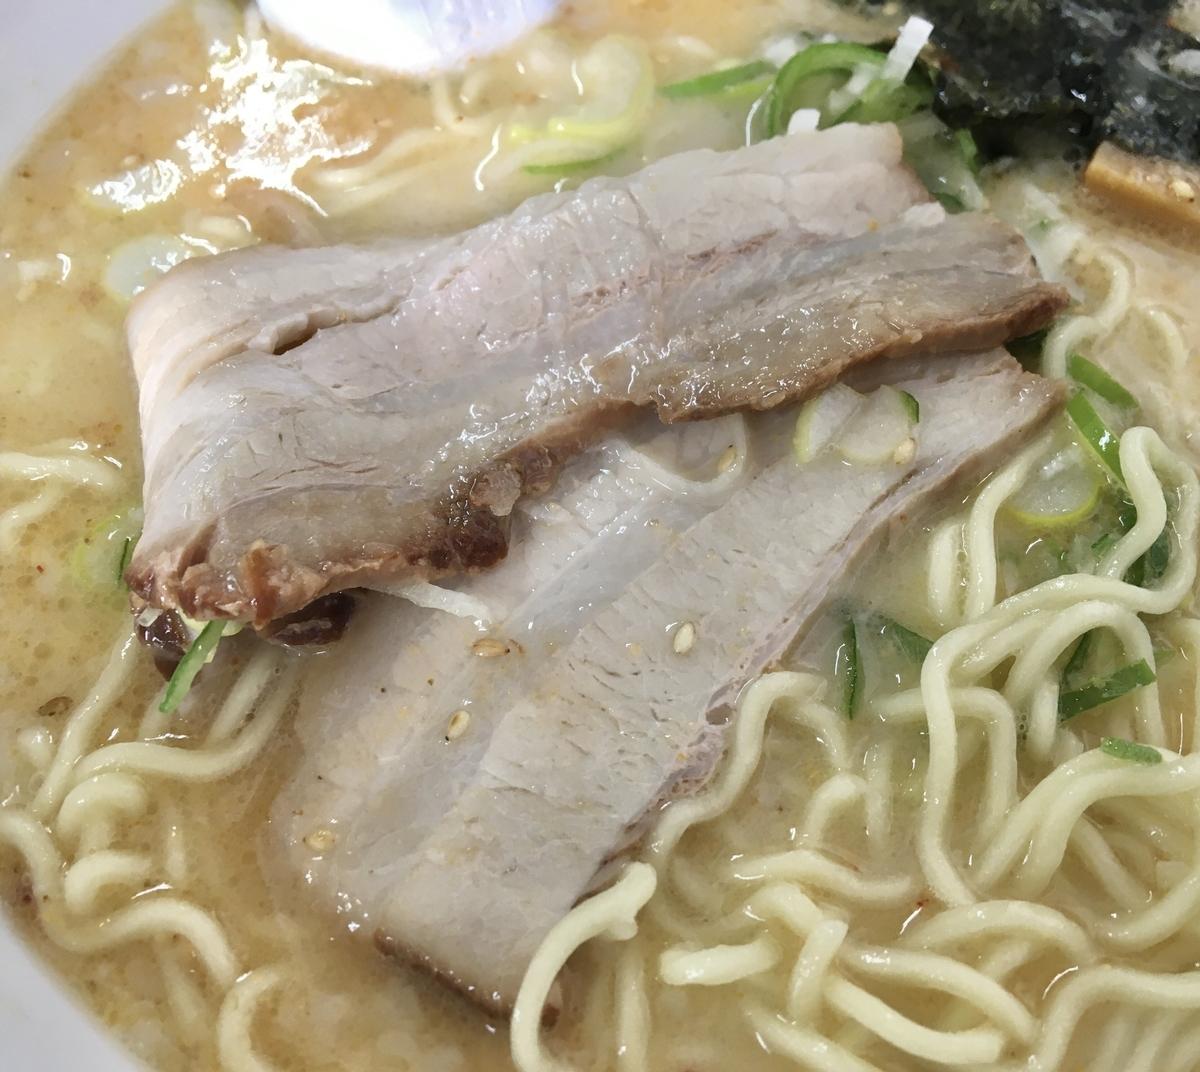 f:id:yusuke-to-yondekudasai:20191217105046j:plain